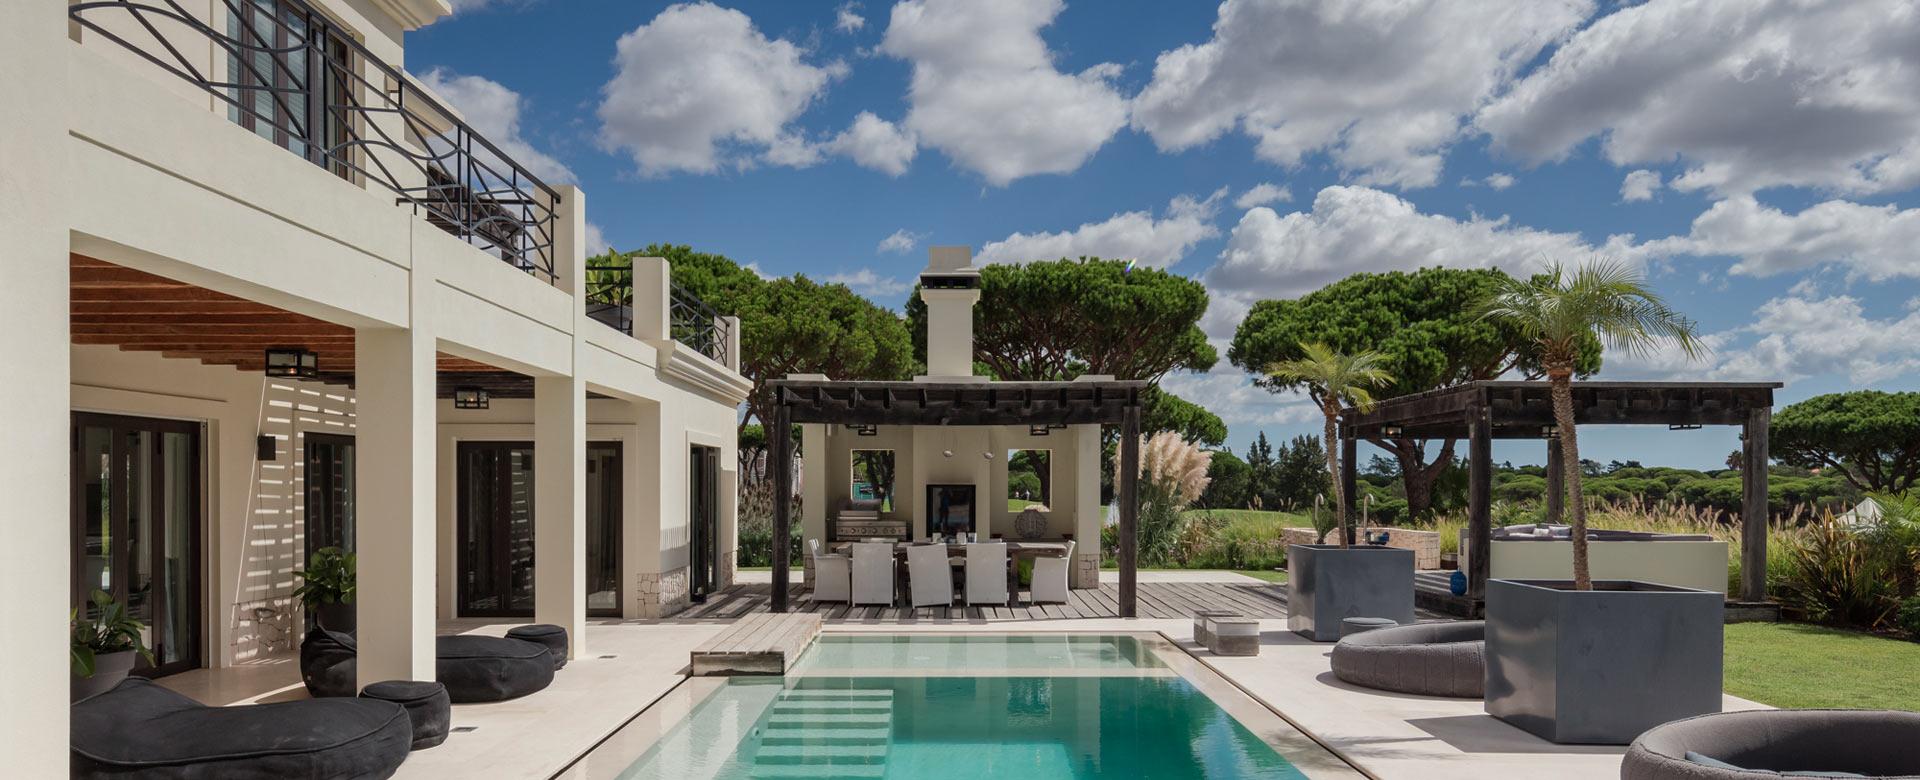 Location De Villa De Luxe Au Portugal | Villanovo tout Location Maison Espagne Avec Piscine Pas Cher